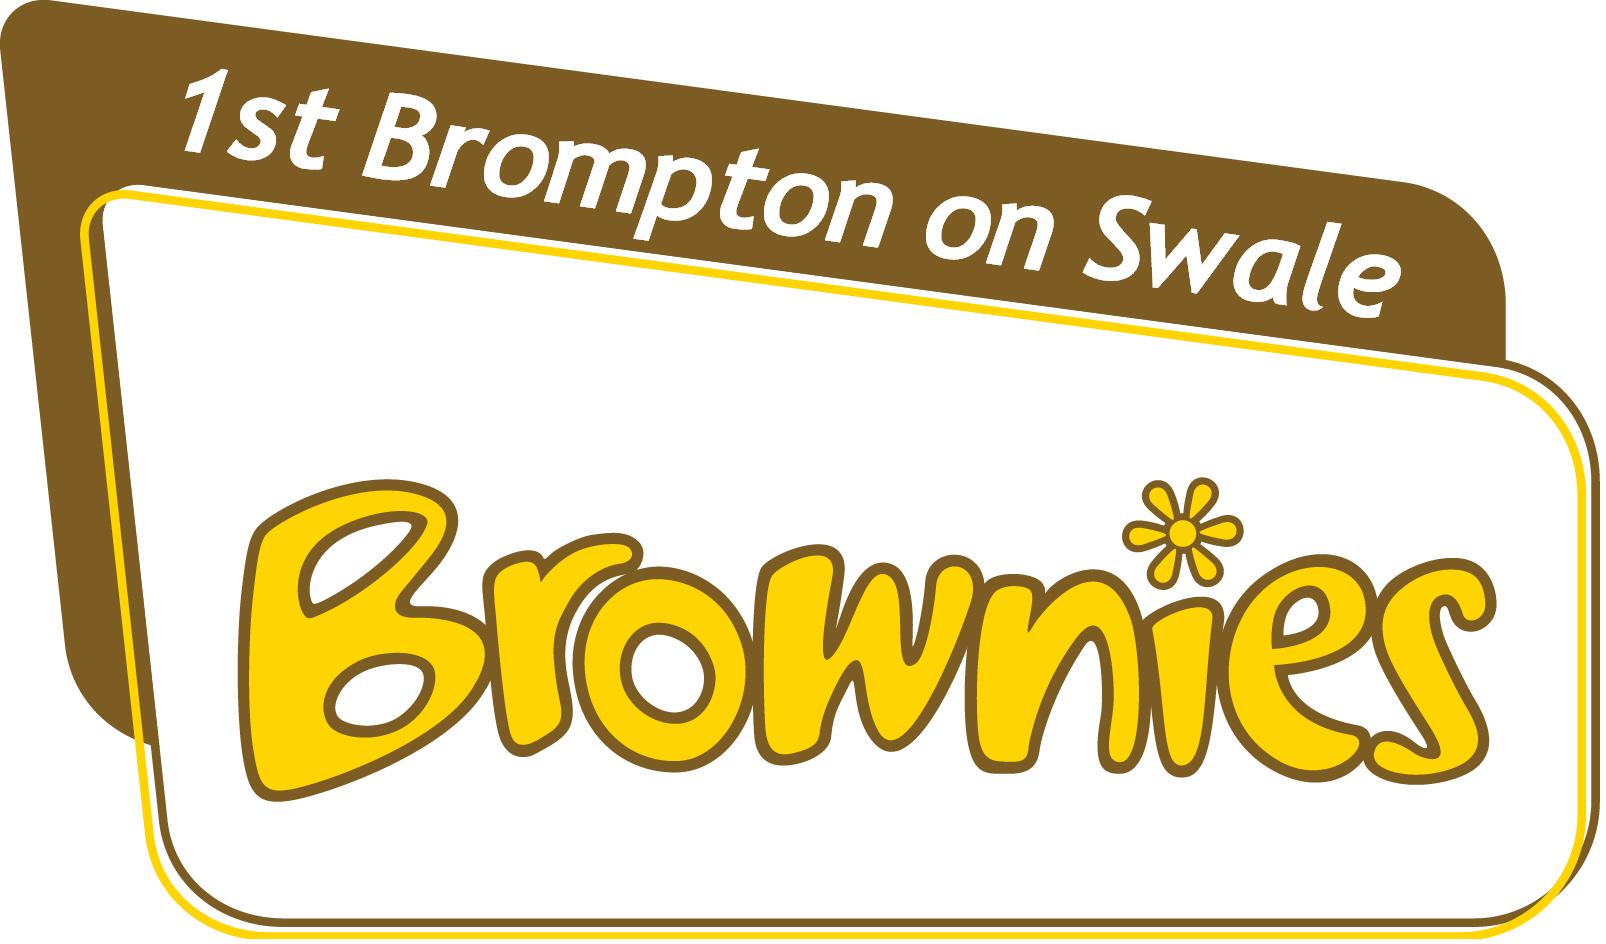 1st Brompton on Swale Brownies